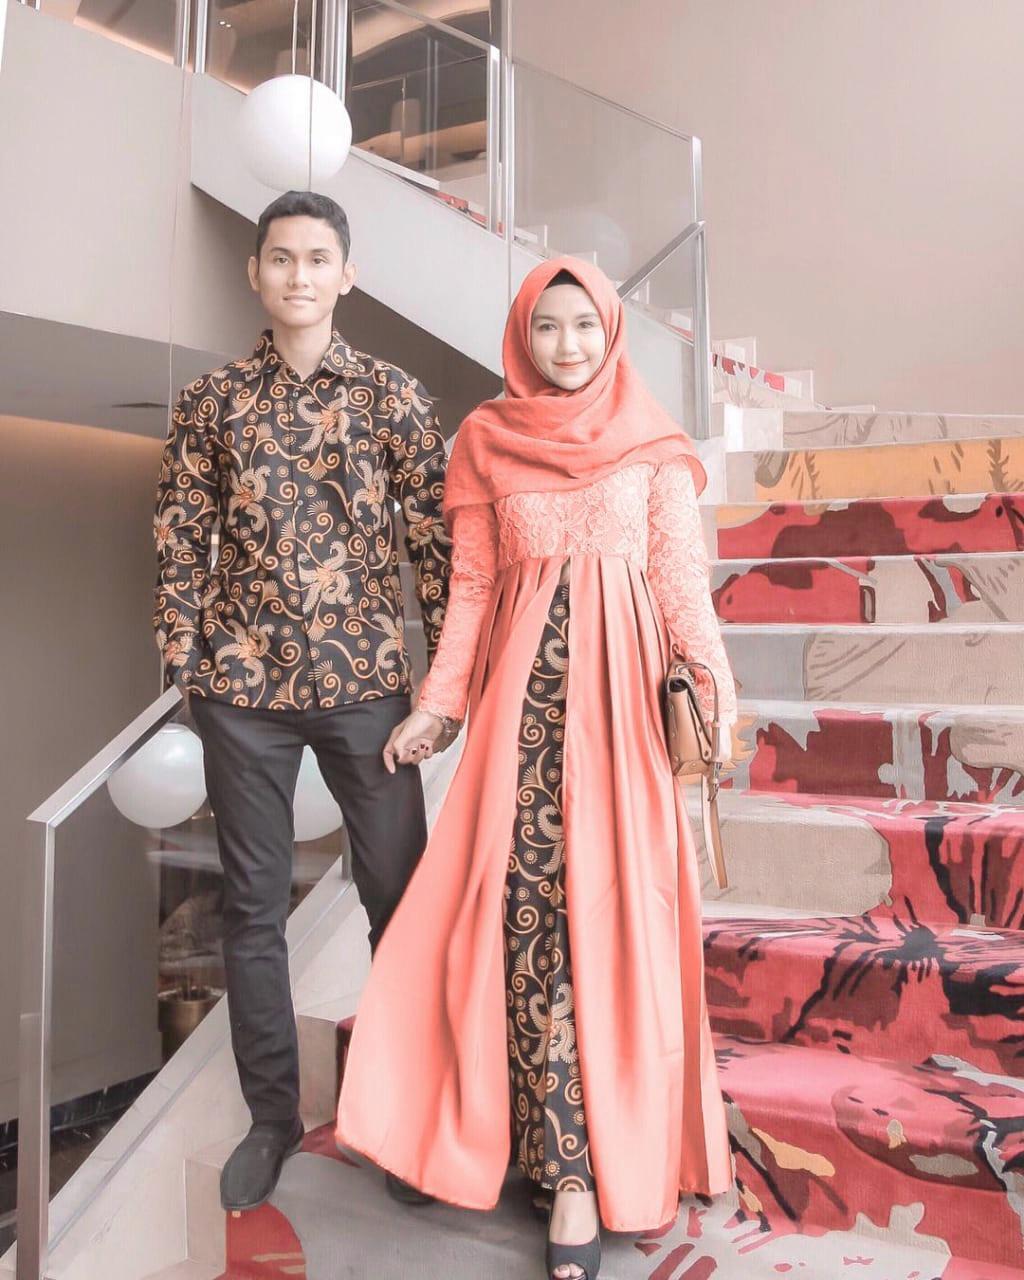 Termurah - Batik Couple / Couple Batik / Baju Muslim Wanita Terbaru 2018 / Batik Murah / Batik Sarimbit / Baju Batik Couple Modern / Batik Kondangan / Batik Keluarga / Batik Pekalongan - Baju Batik Cp Anami By Toko Batik Exclusive.